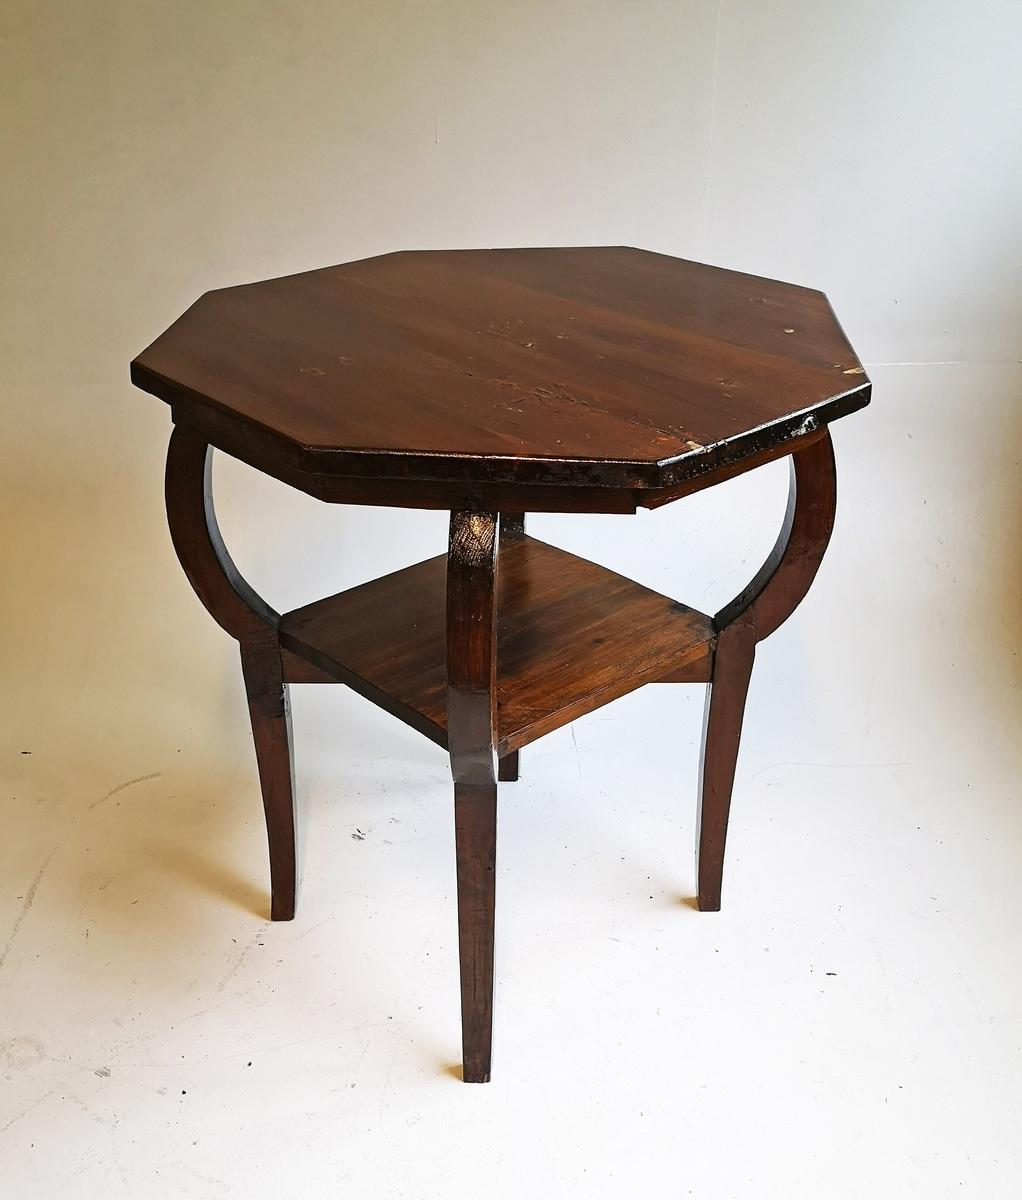 Brunbeisa 8-kanta bord/salongbord, 4 føter og ekstra hylle til aviser/blad.